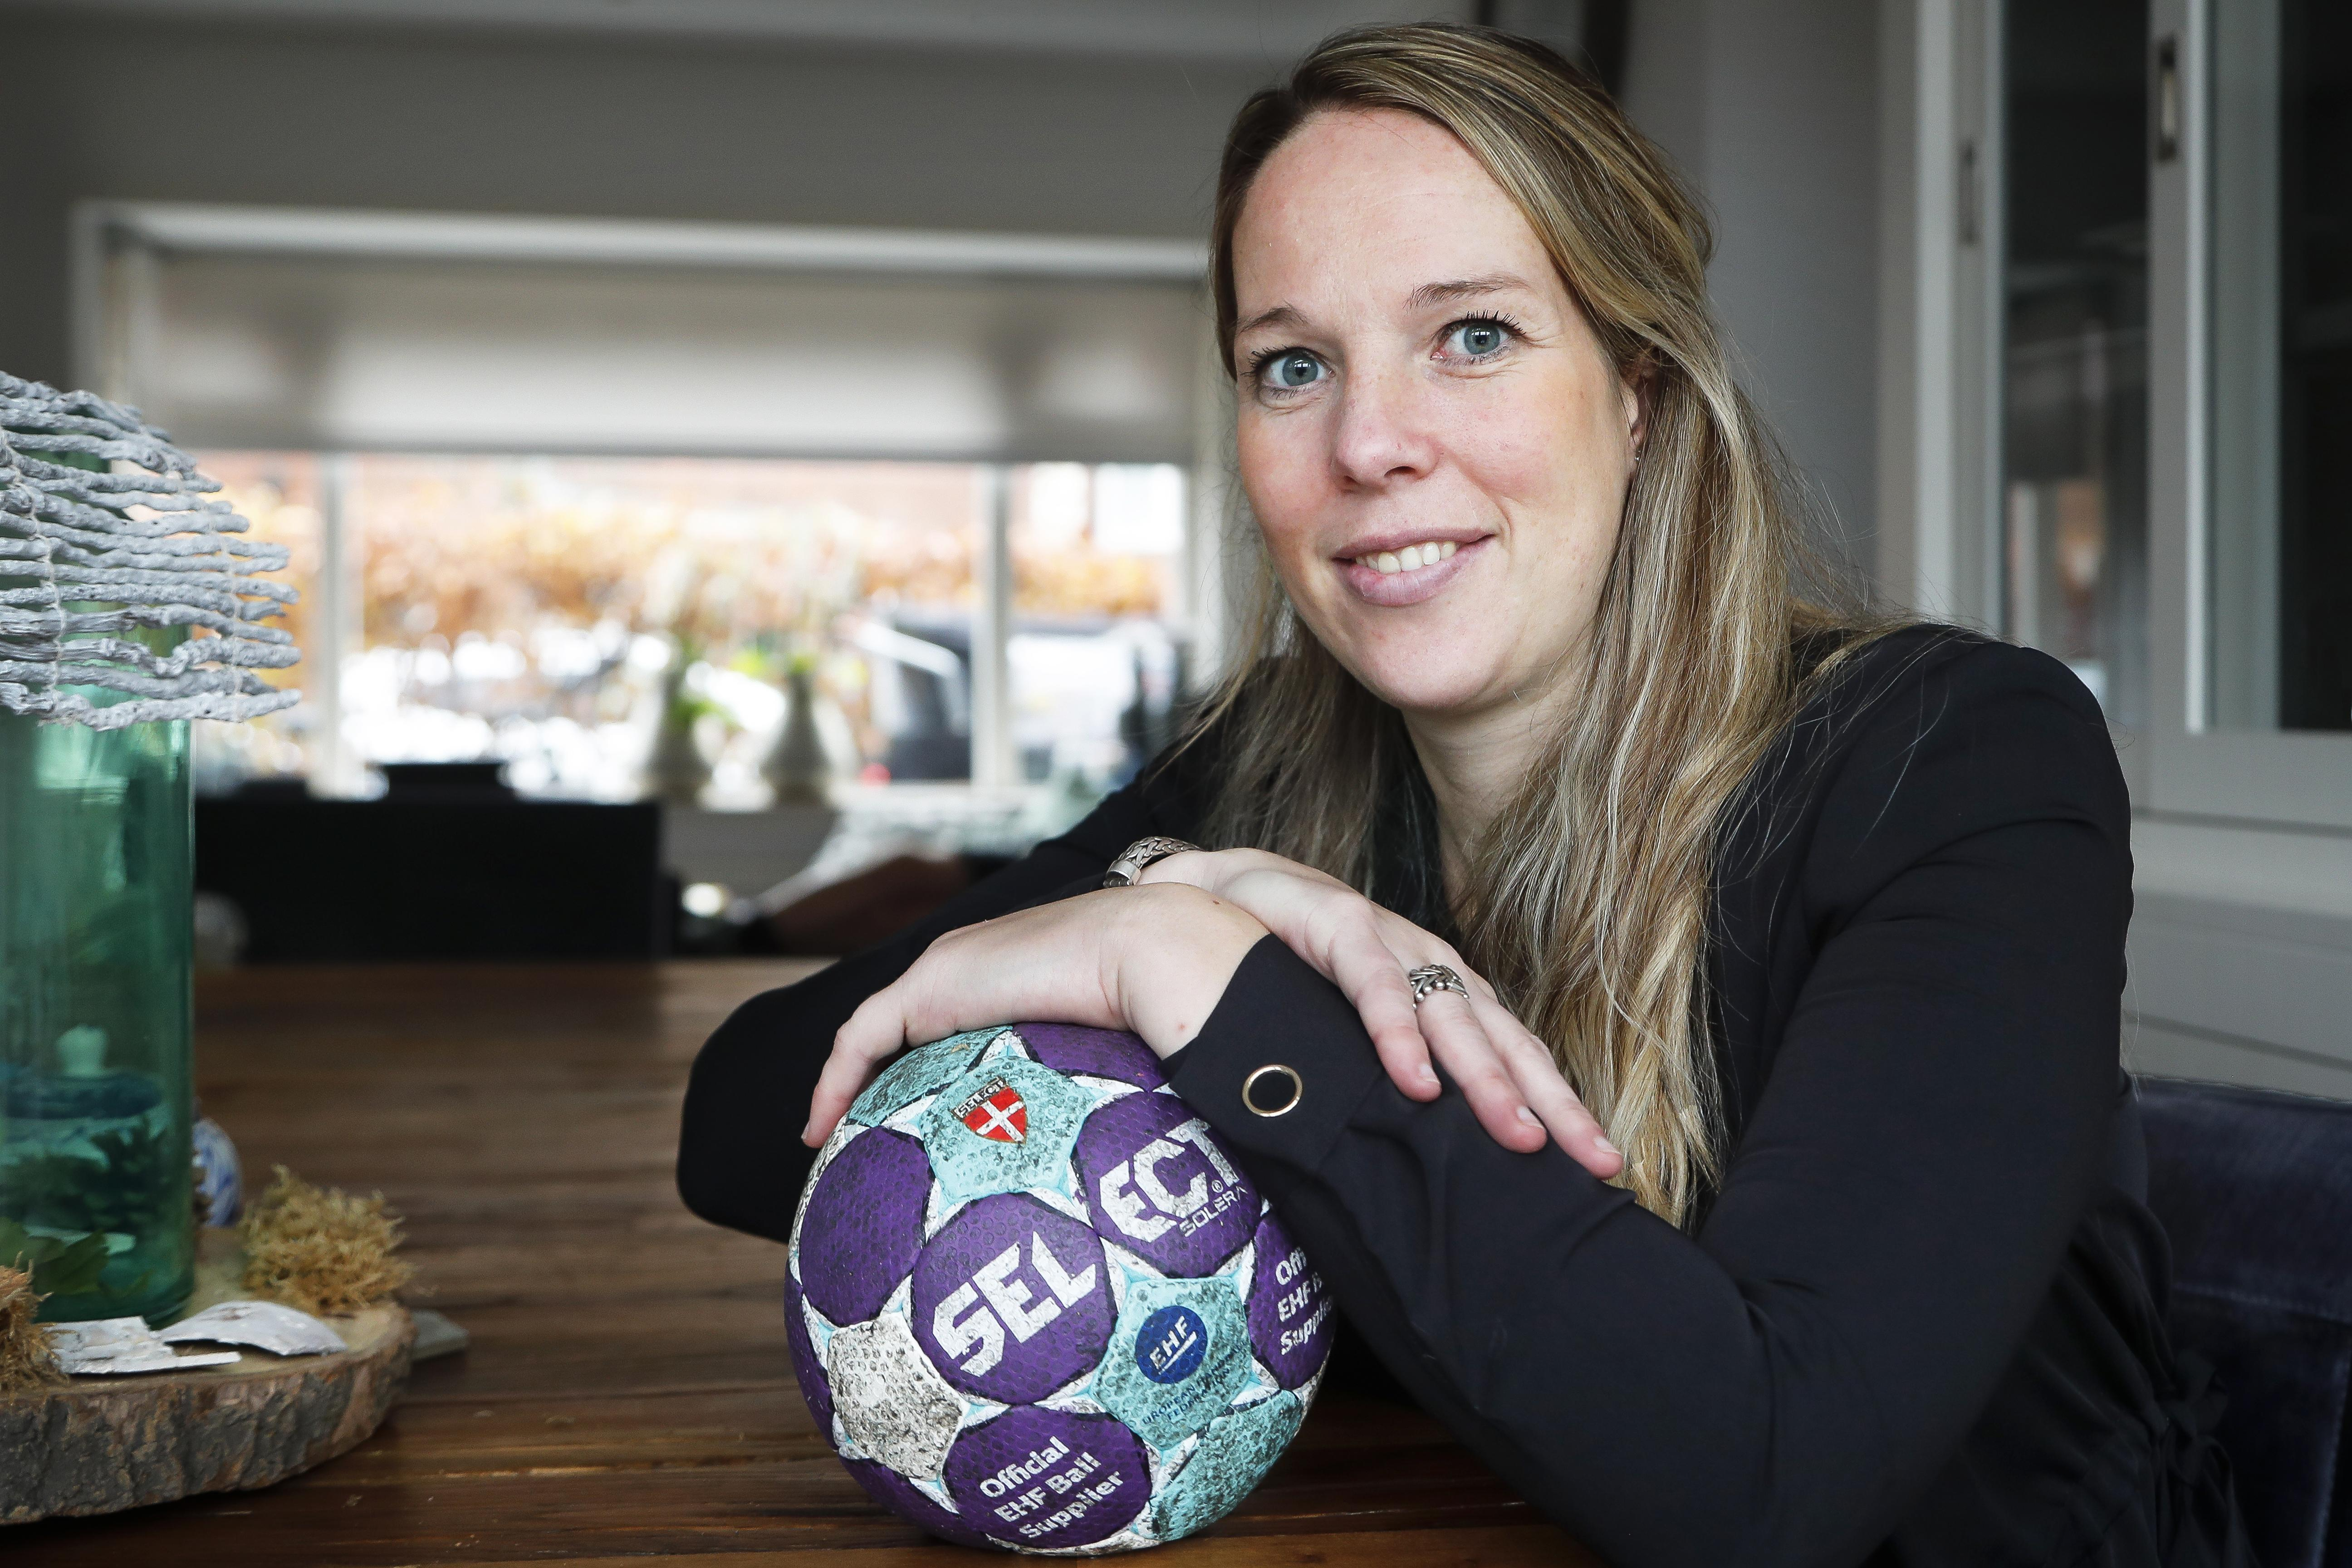 Marcella Deen, tophandbalster-in-ruste, weet hoe ze verder wil met haar leven: 'Zoektocht is nu wel ten einde'